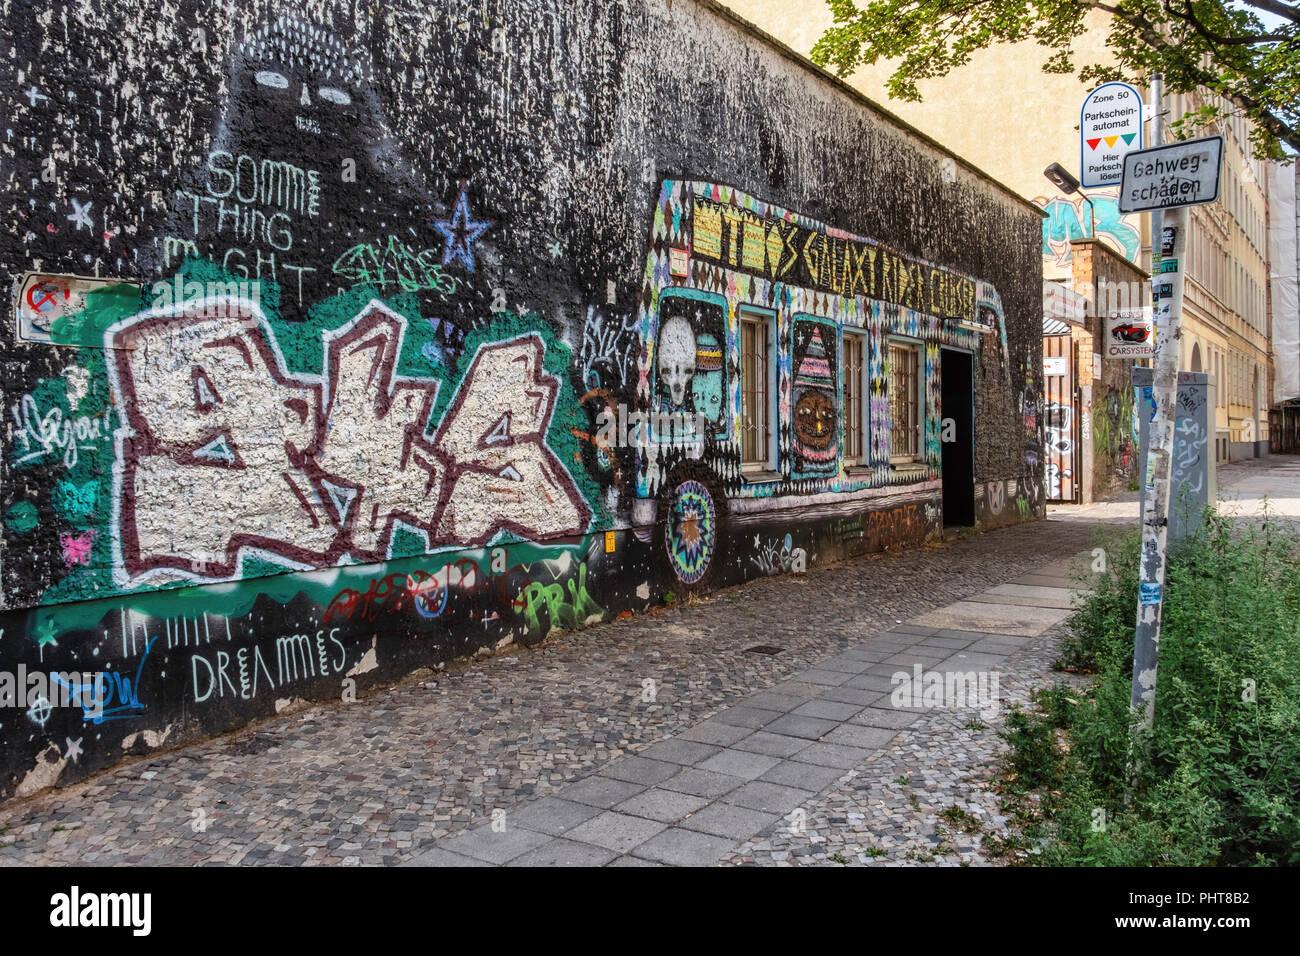 Berlin-Friederichshain. Carsystem Daniel Voss, Gebrauchtwagen Händler. Außenwand des Geschäfts ist in bunten Street Art abgedeckt Stockbild